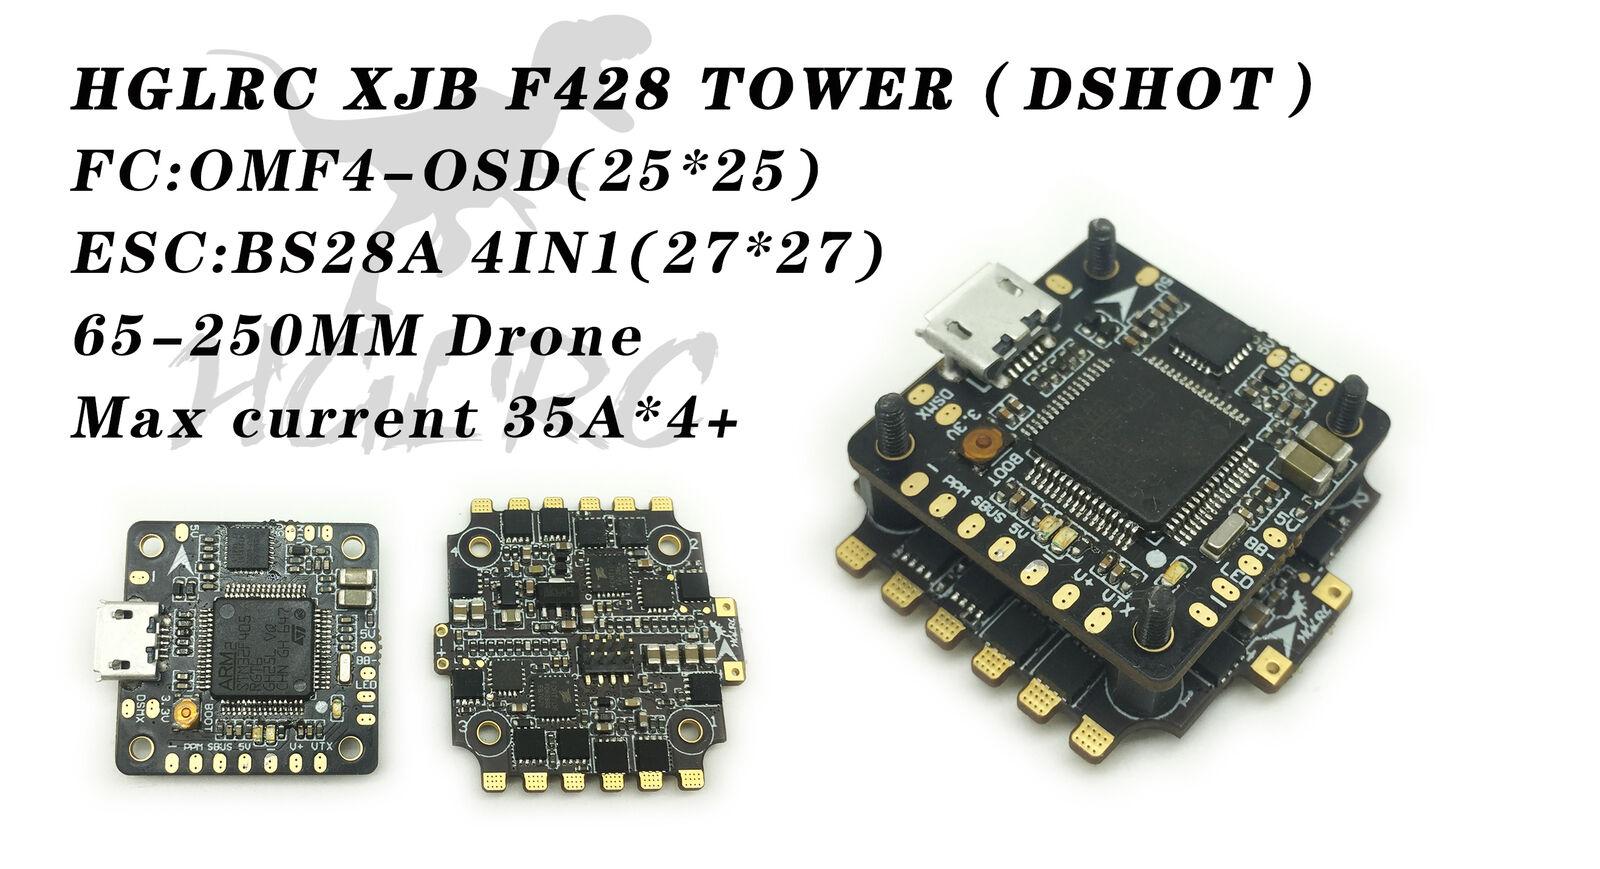 HGLRC F4 XJB F428 dshot de control de vuelo Tower flytower OSD circuito eliminador de batería Control de vuelo